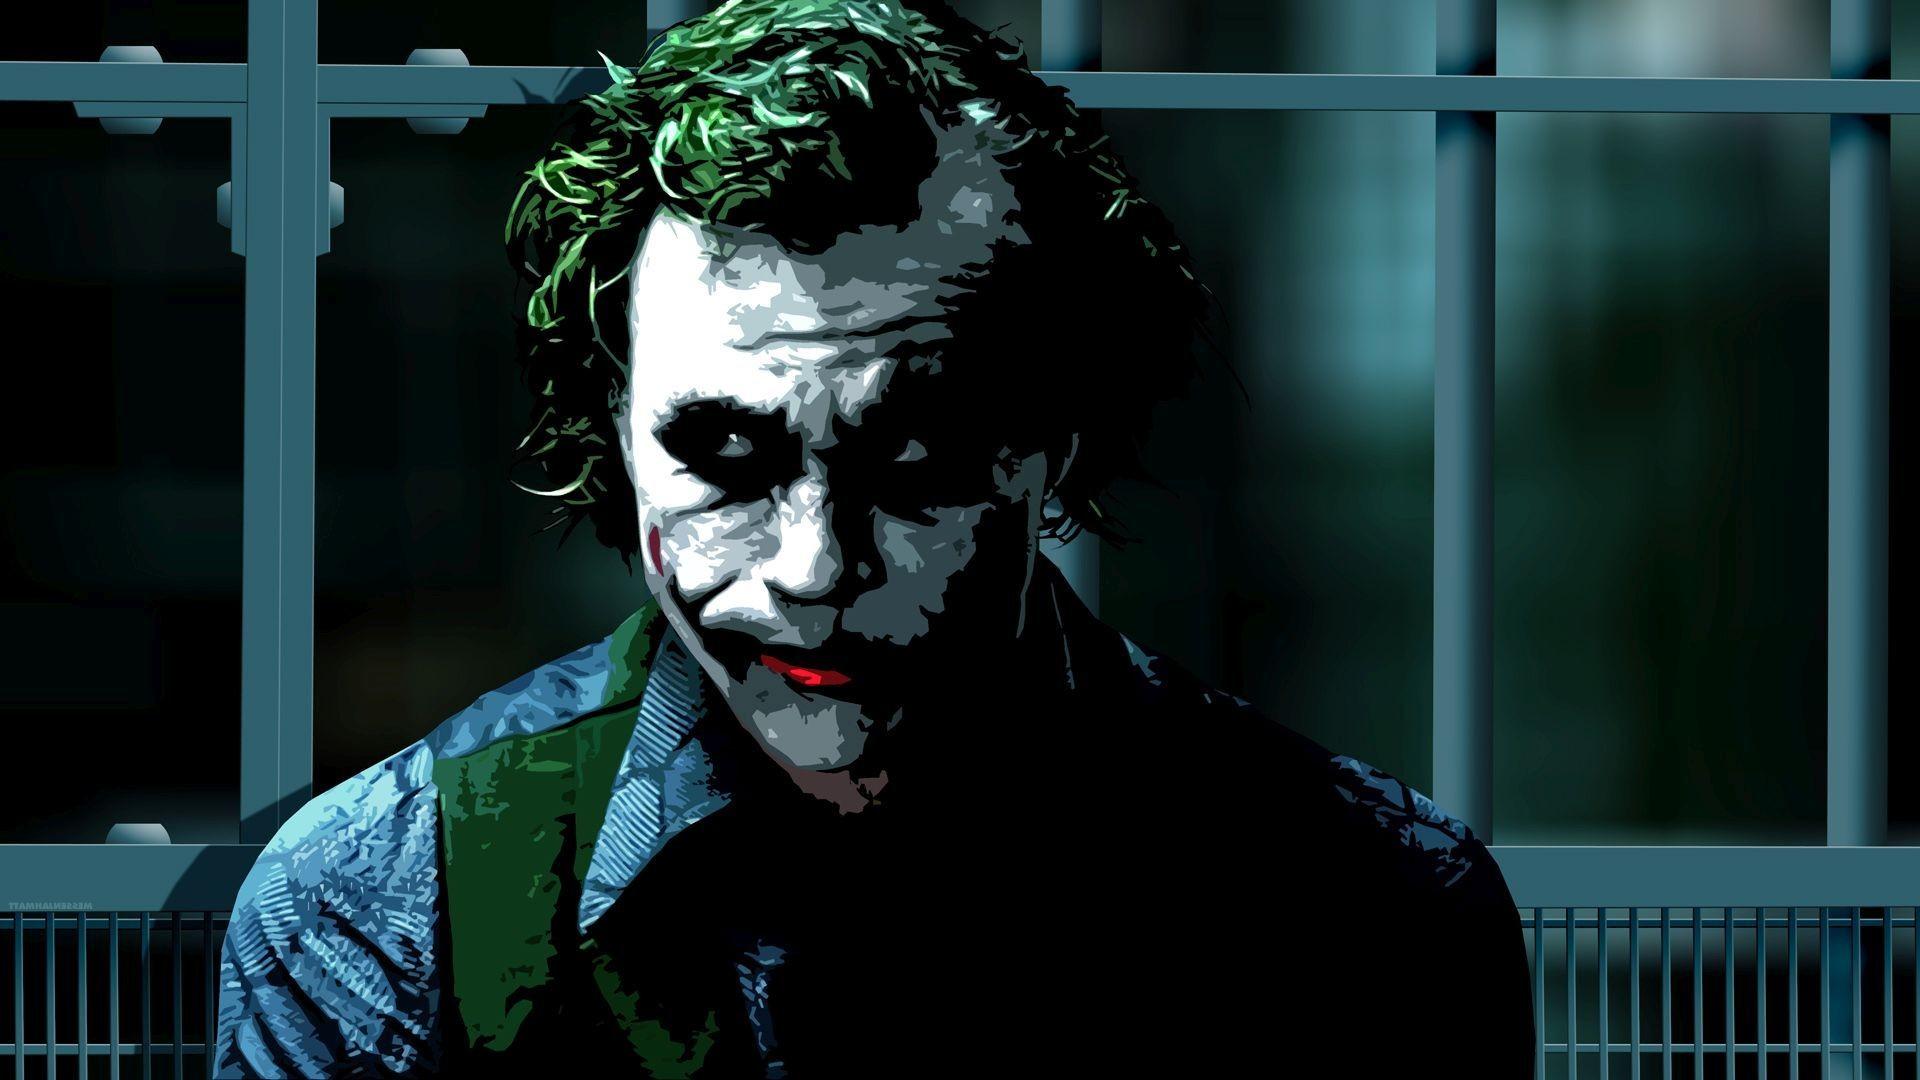 Keywords Joker Wallpaper Dark Knight Quotes and Tags 1920×1200 The Joker  Dark Knight Wallpapers